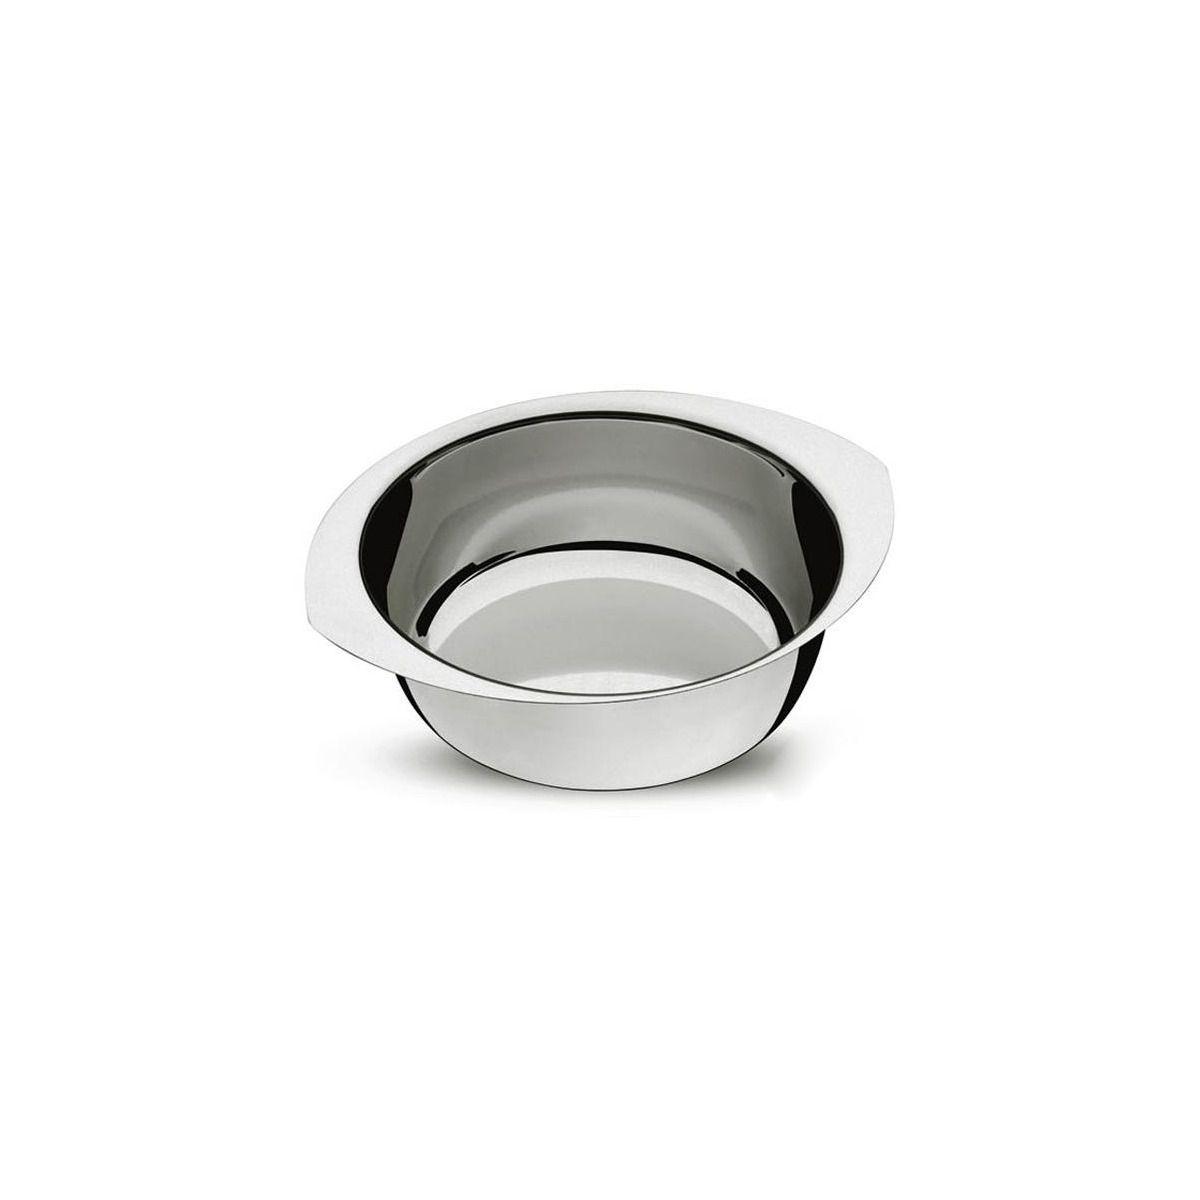 Taça para sobremesa aço inox 0,16l 61339/112 | Lojas Estrela